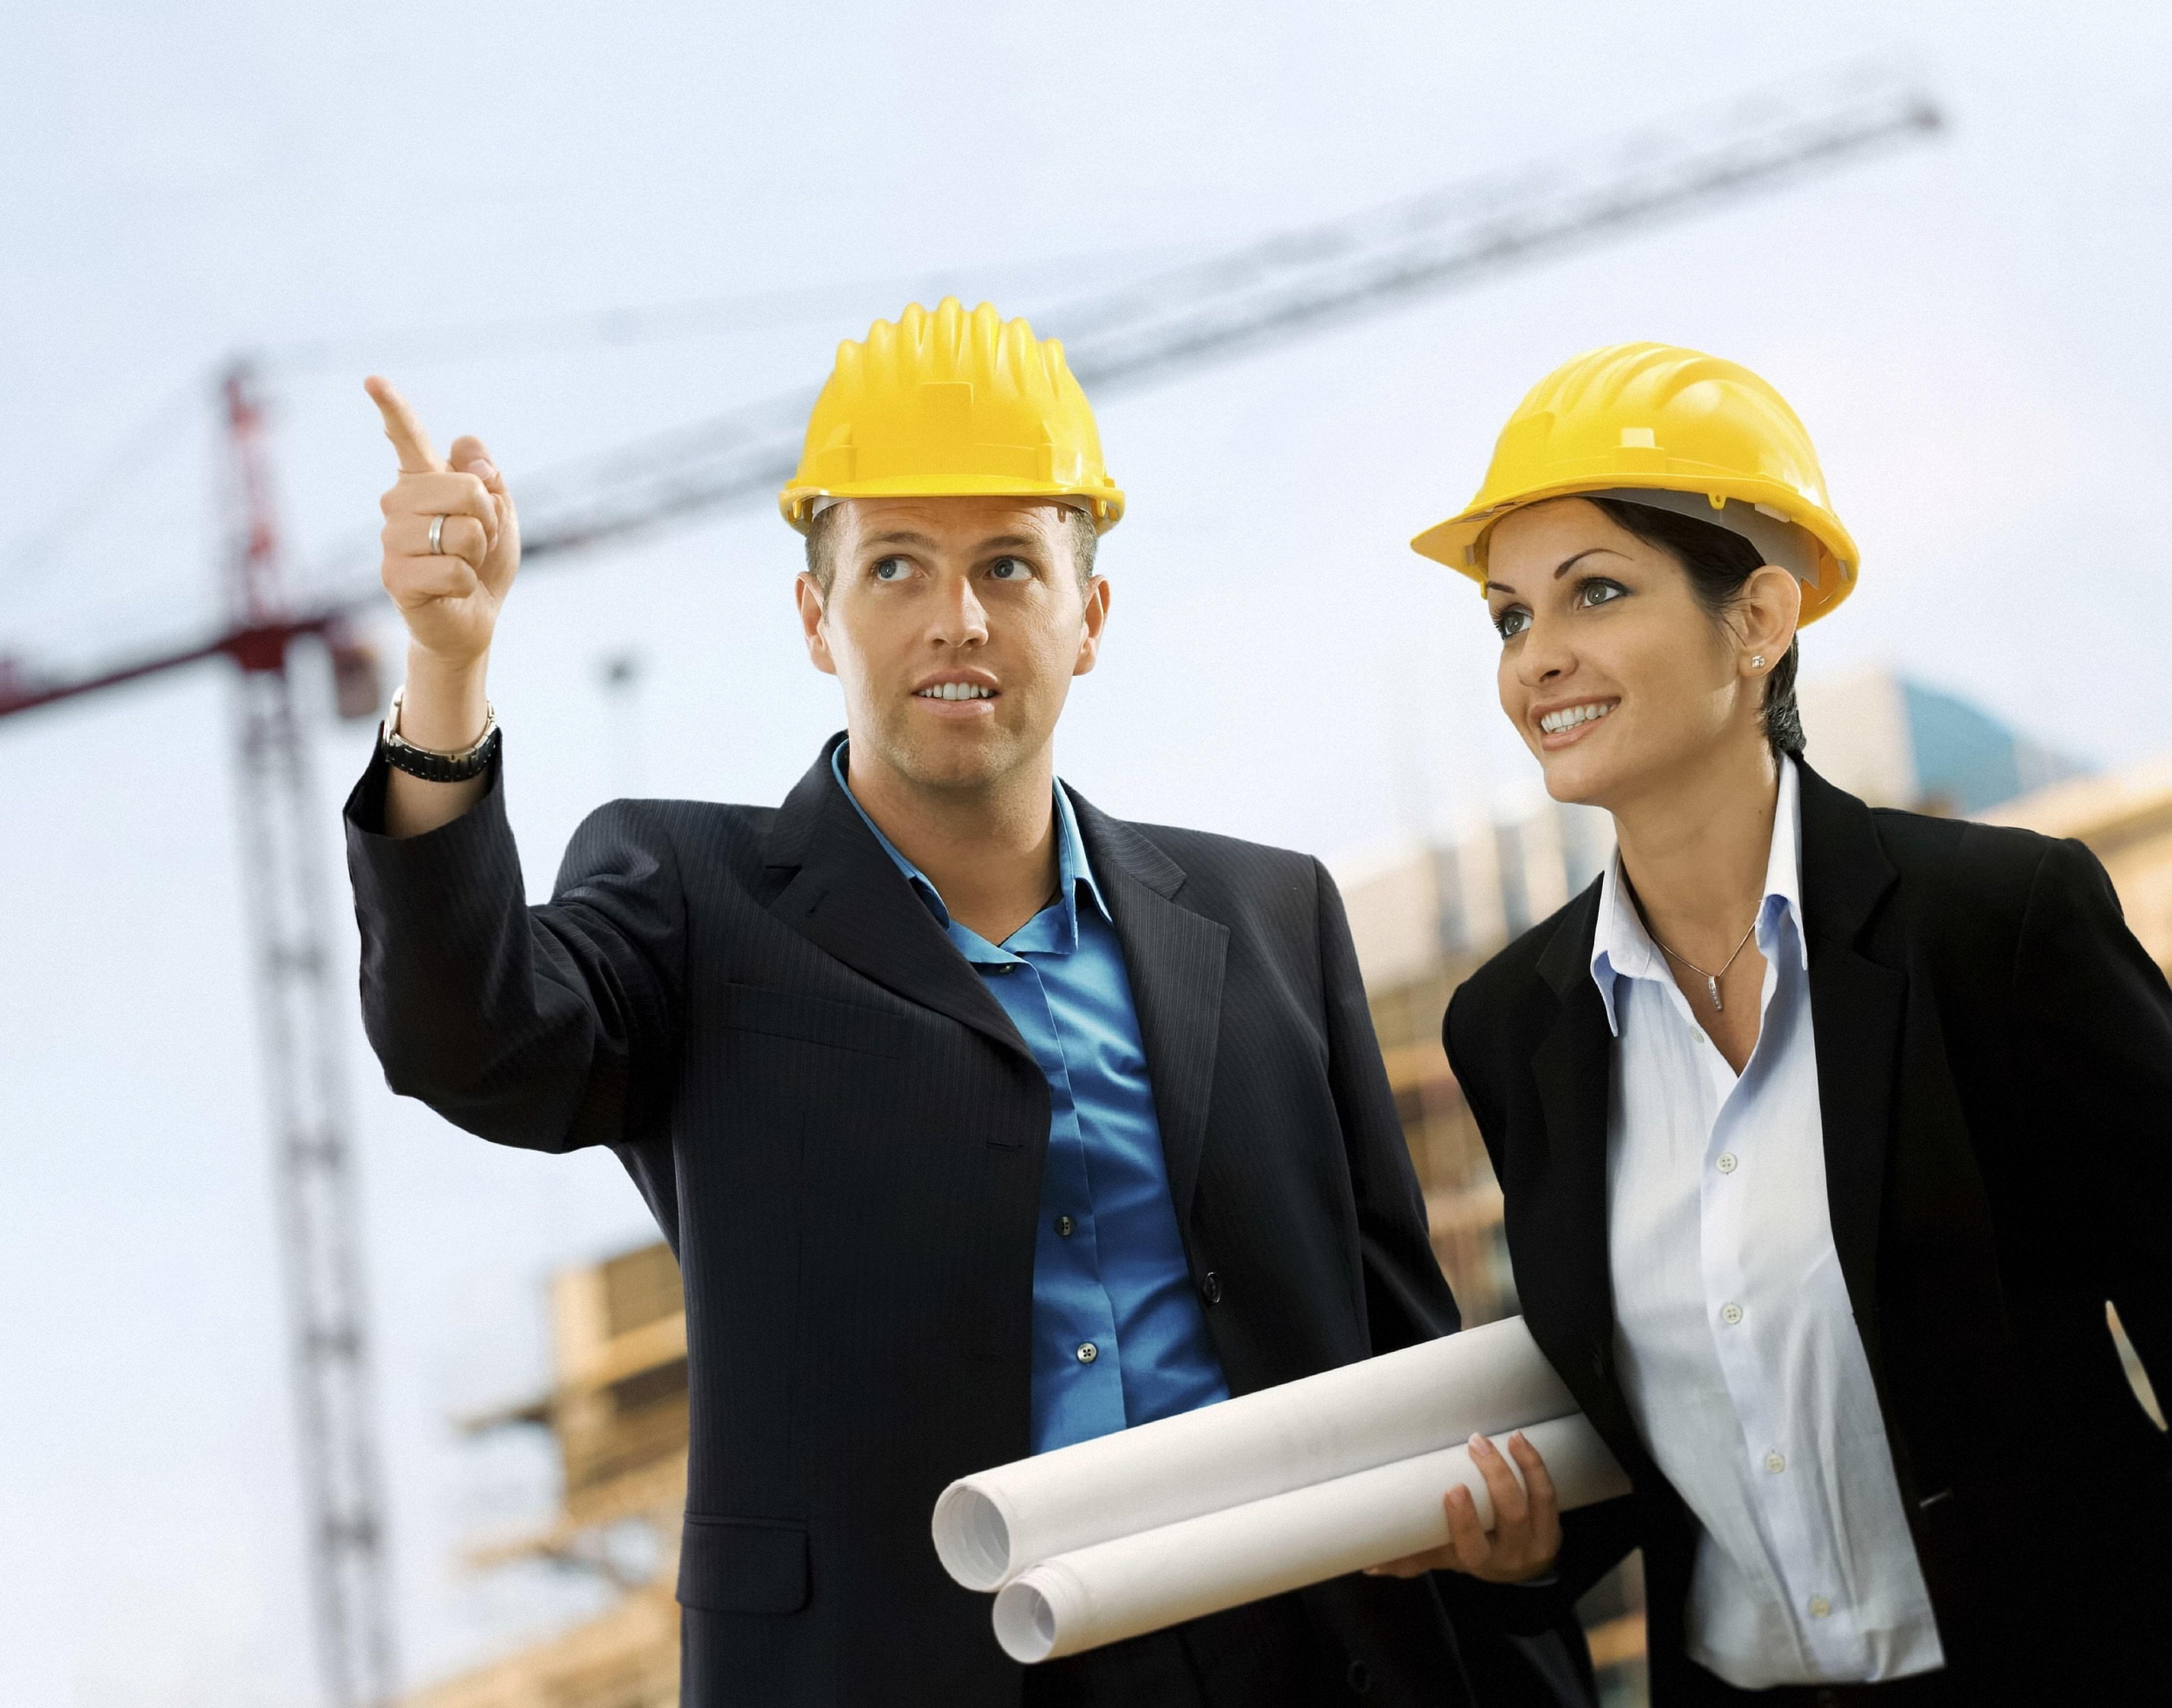 قابل توجه کلیه متخصصین علاقه مند به استخدام در کمپانی های معتبر خارجی